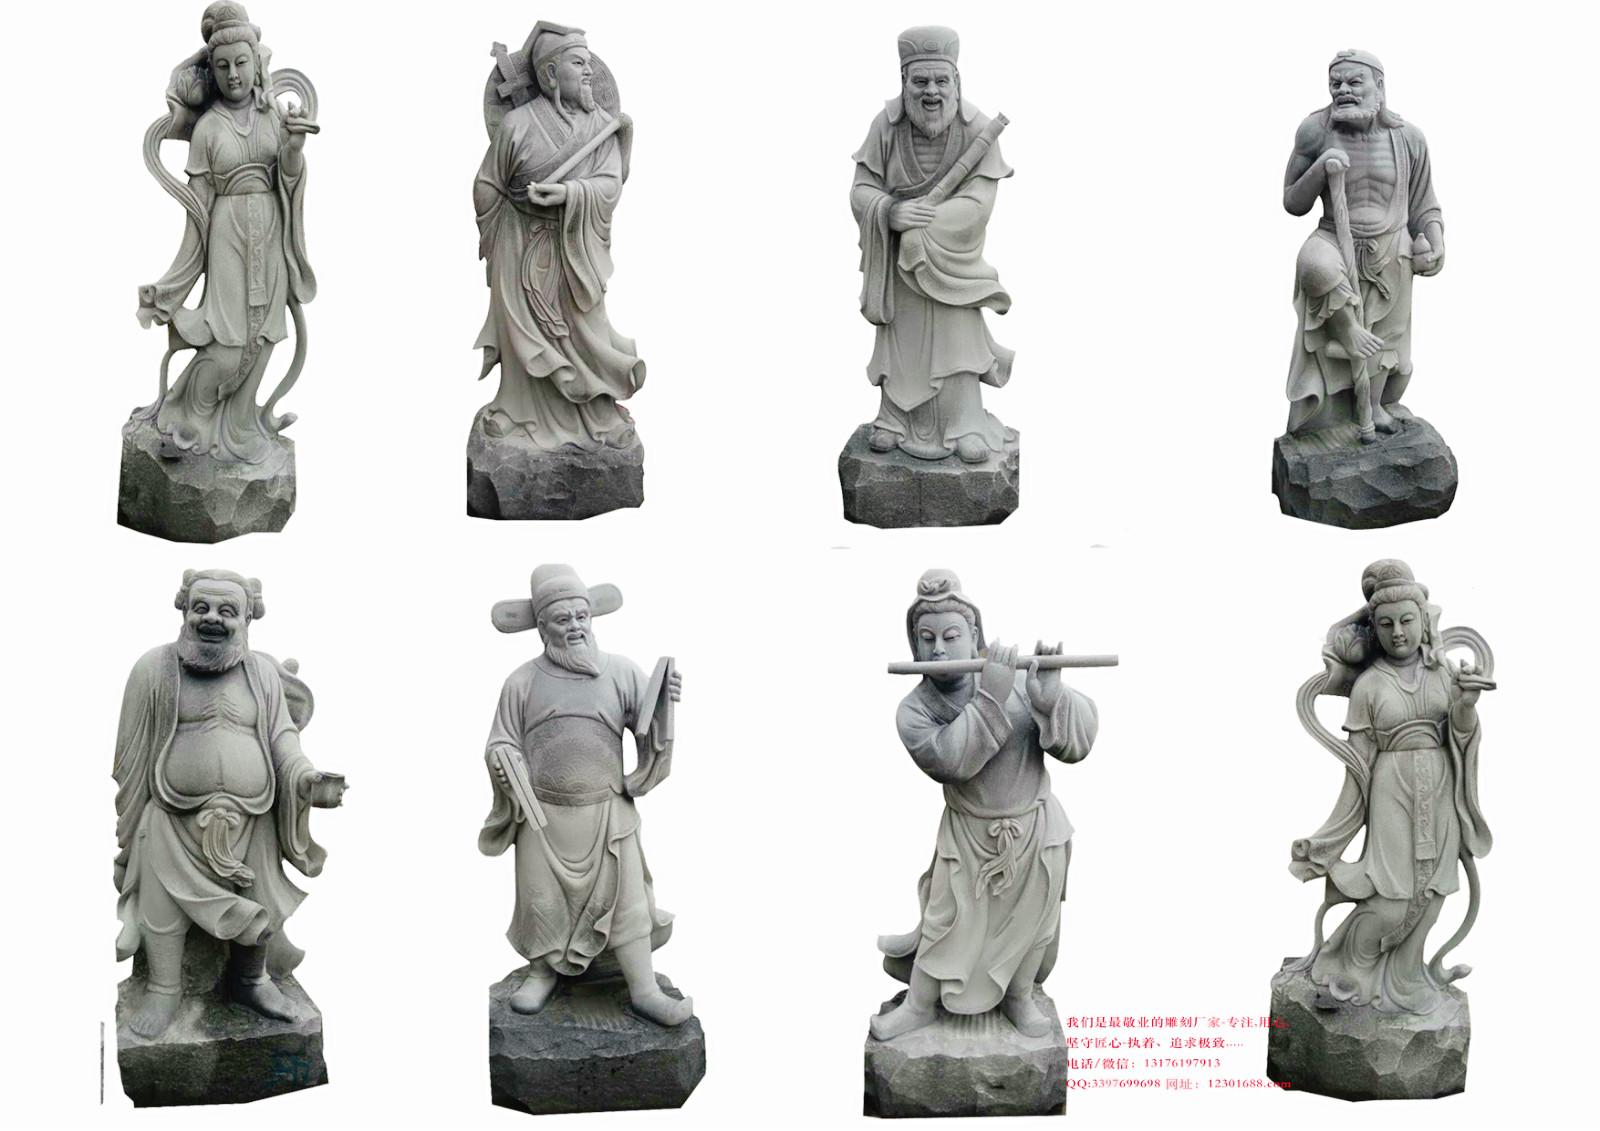 道教八仙雕像_石雕八仙过海雕塑_八仙吉祥文化